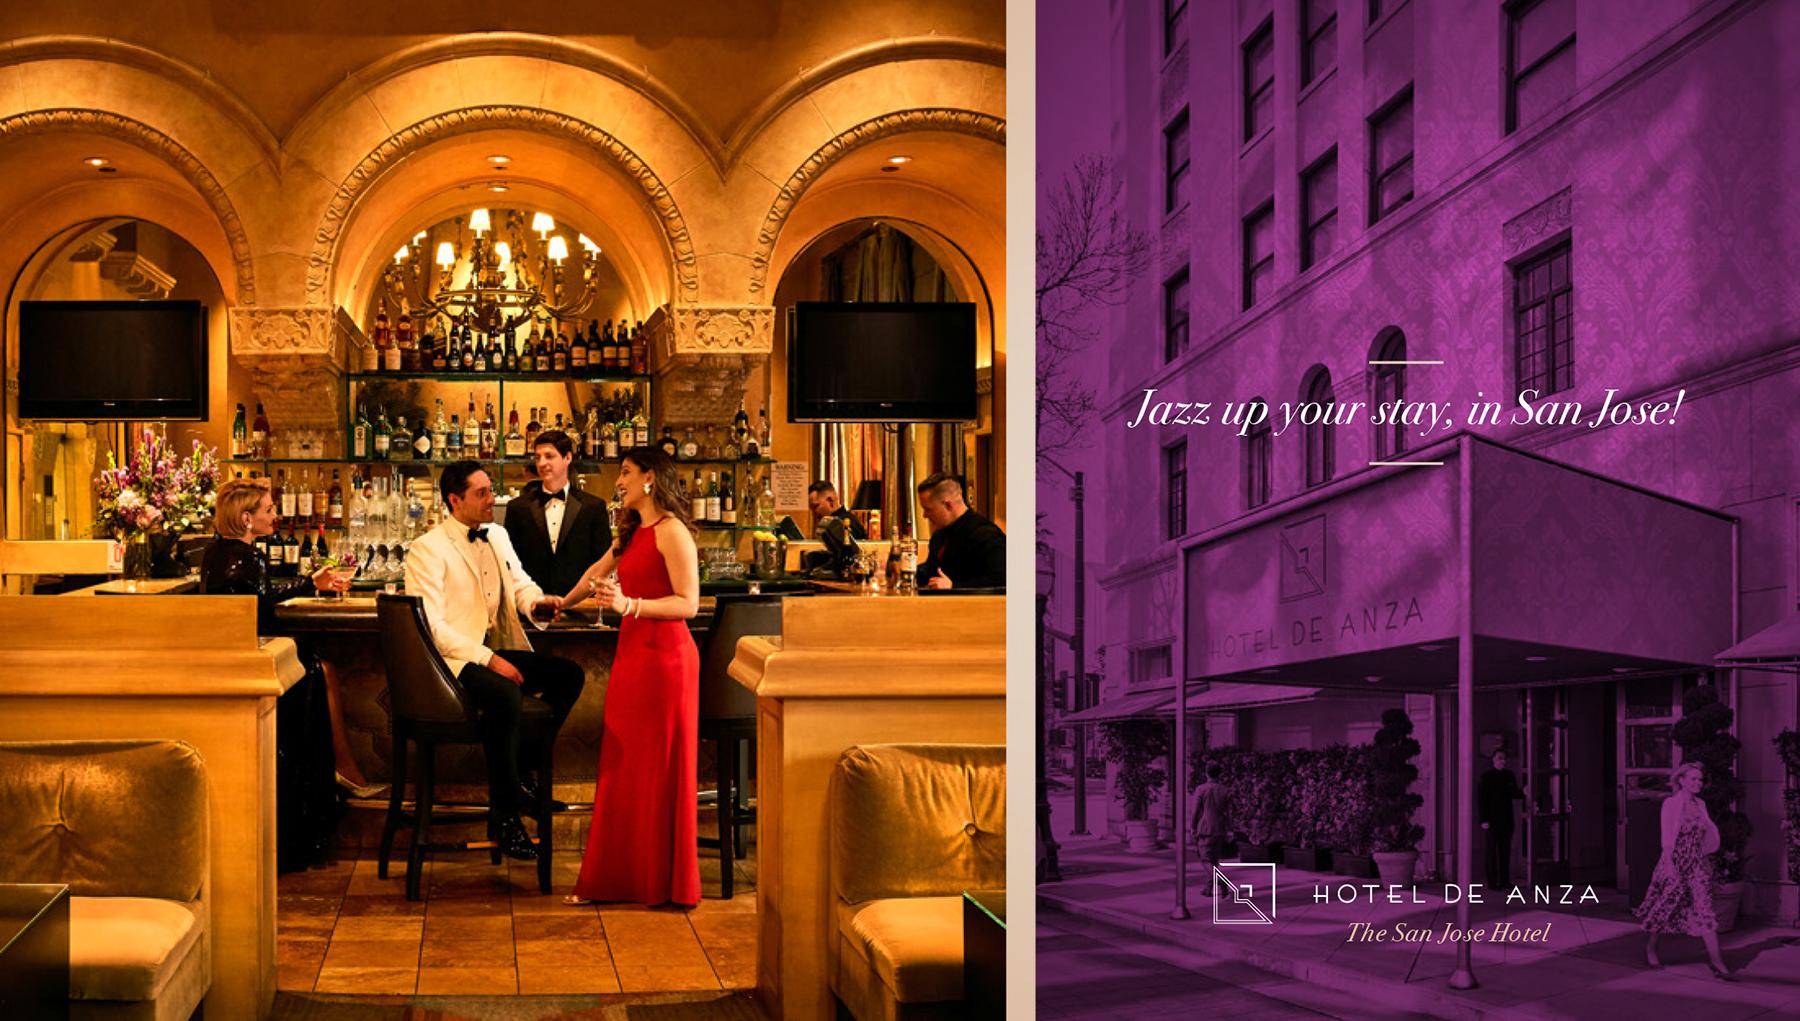 Hotel de Anza Promo